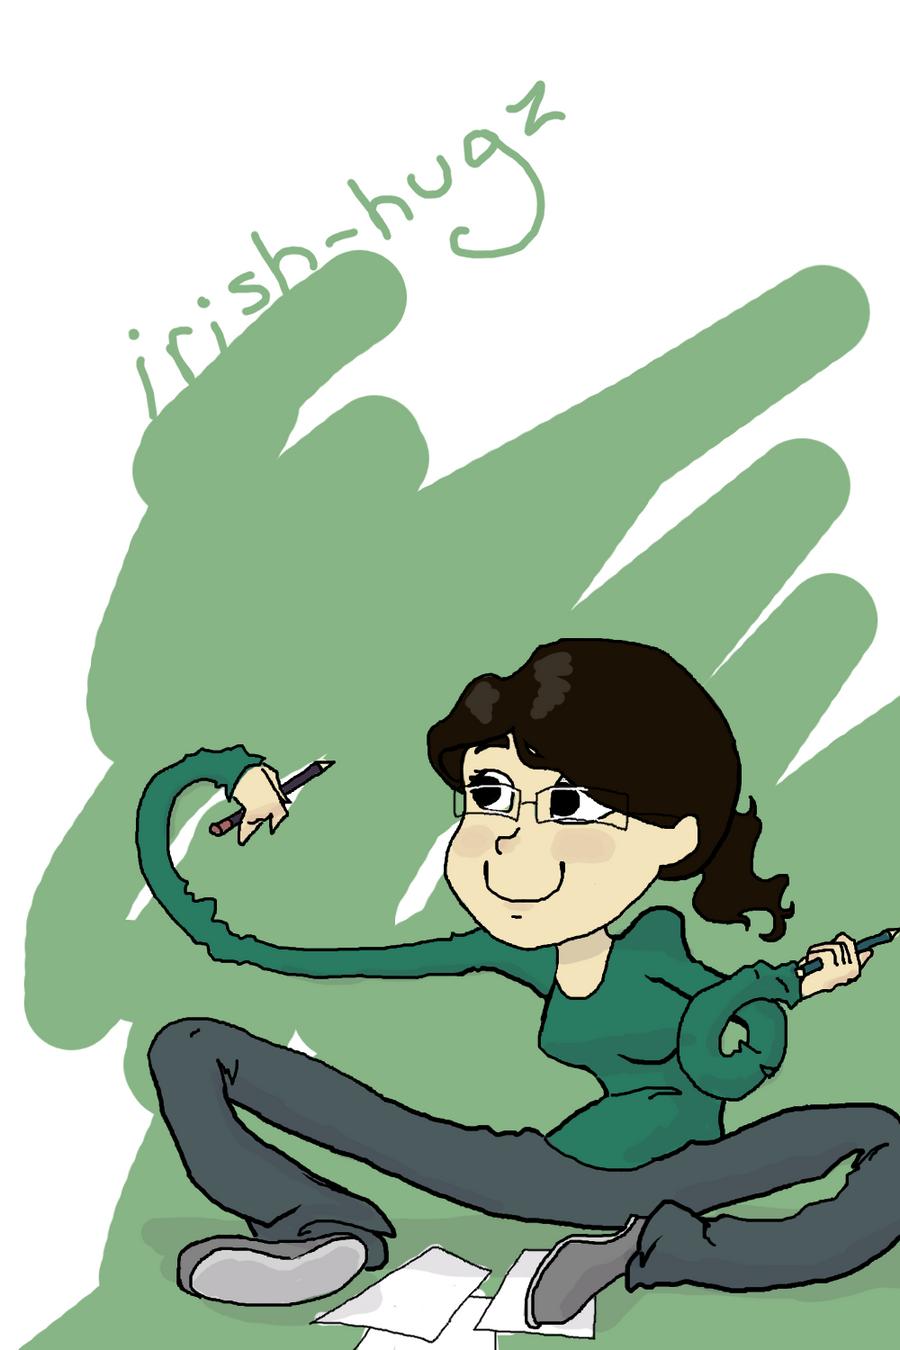 irish-hugz's Profile Picture